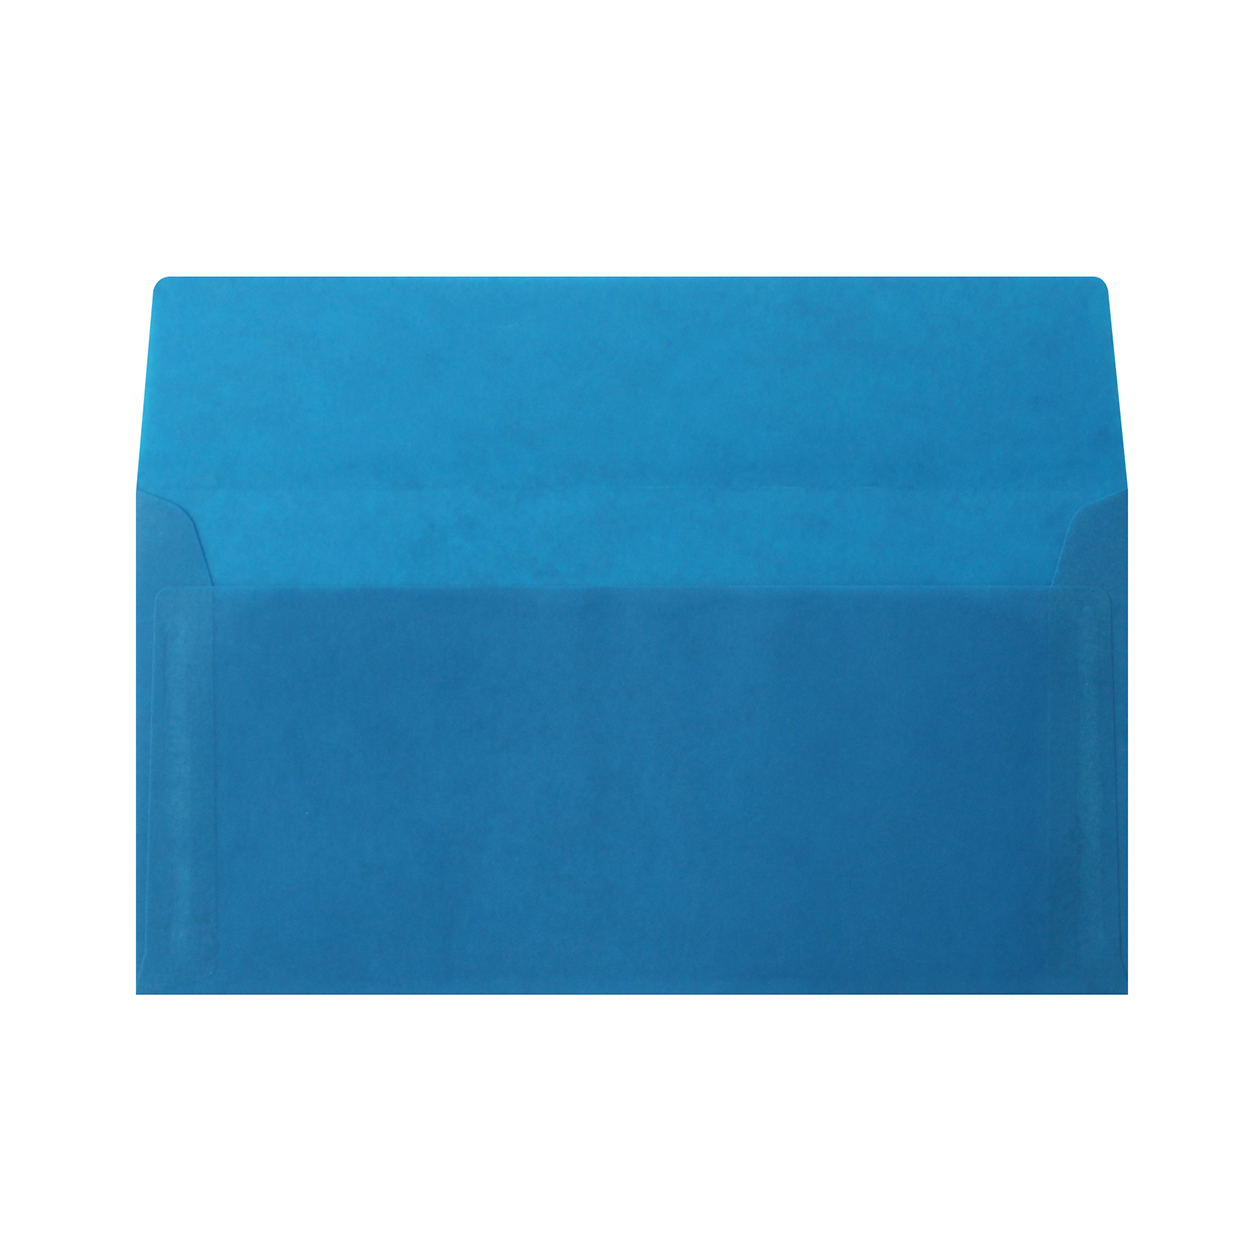 長3カマス封筒 クラフトロウ引き ブルー